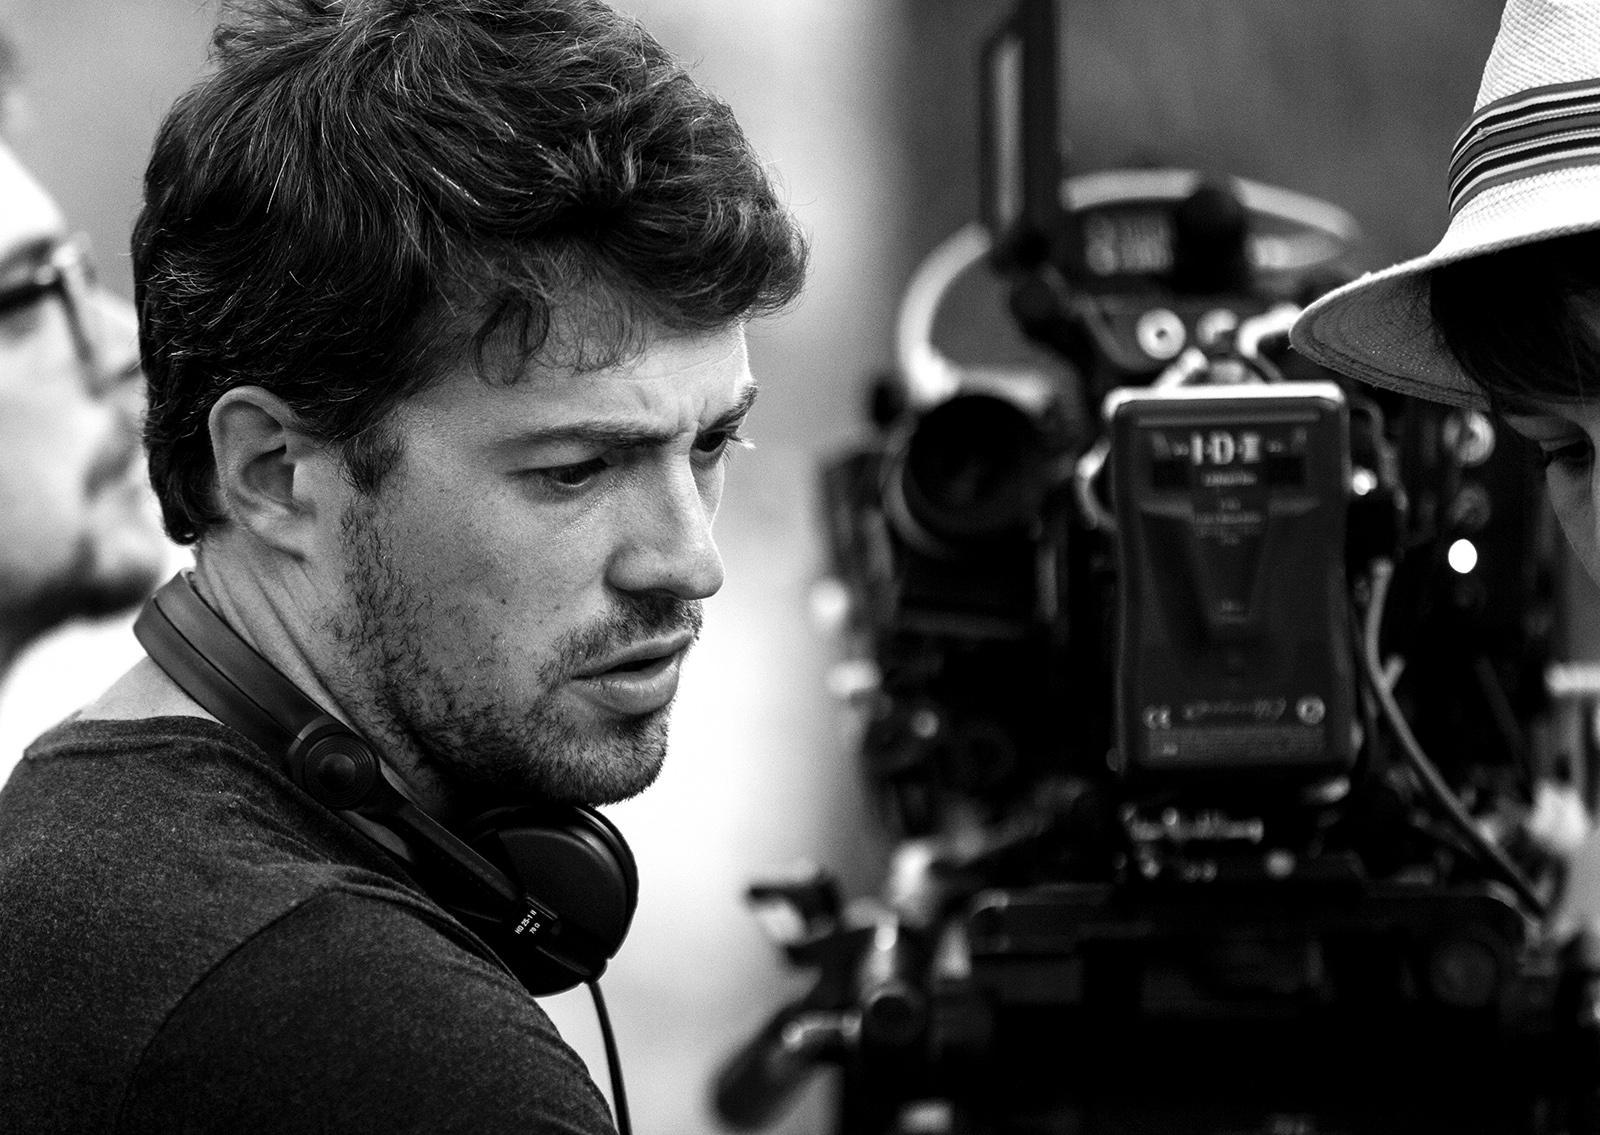 The Fighters - Addestramento di vita: il regista Thomas Cailley in una foto promozionale